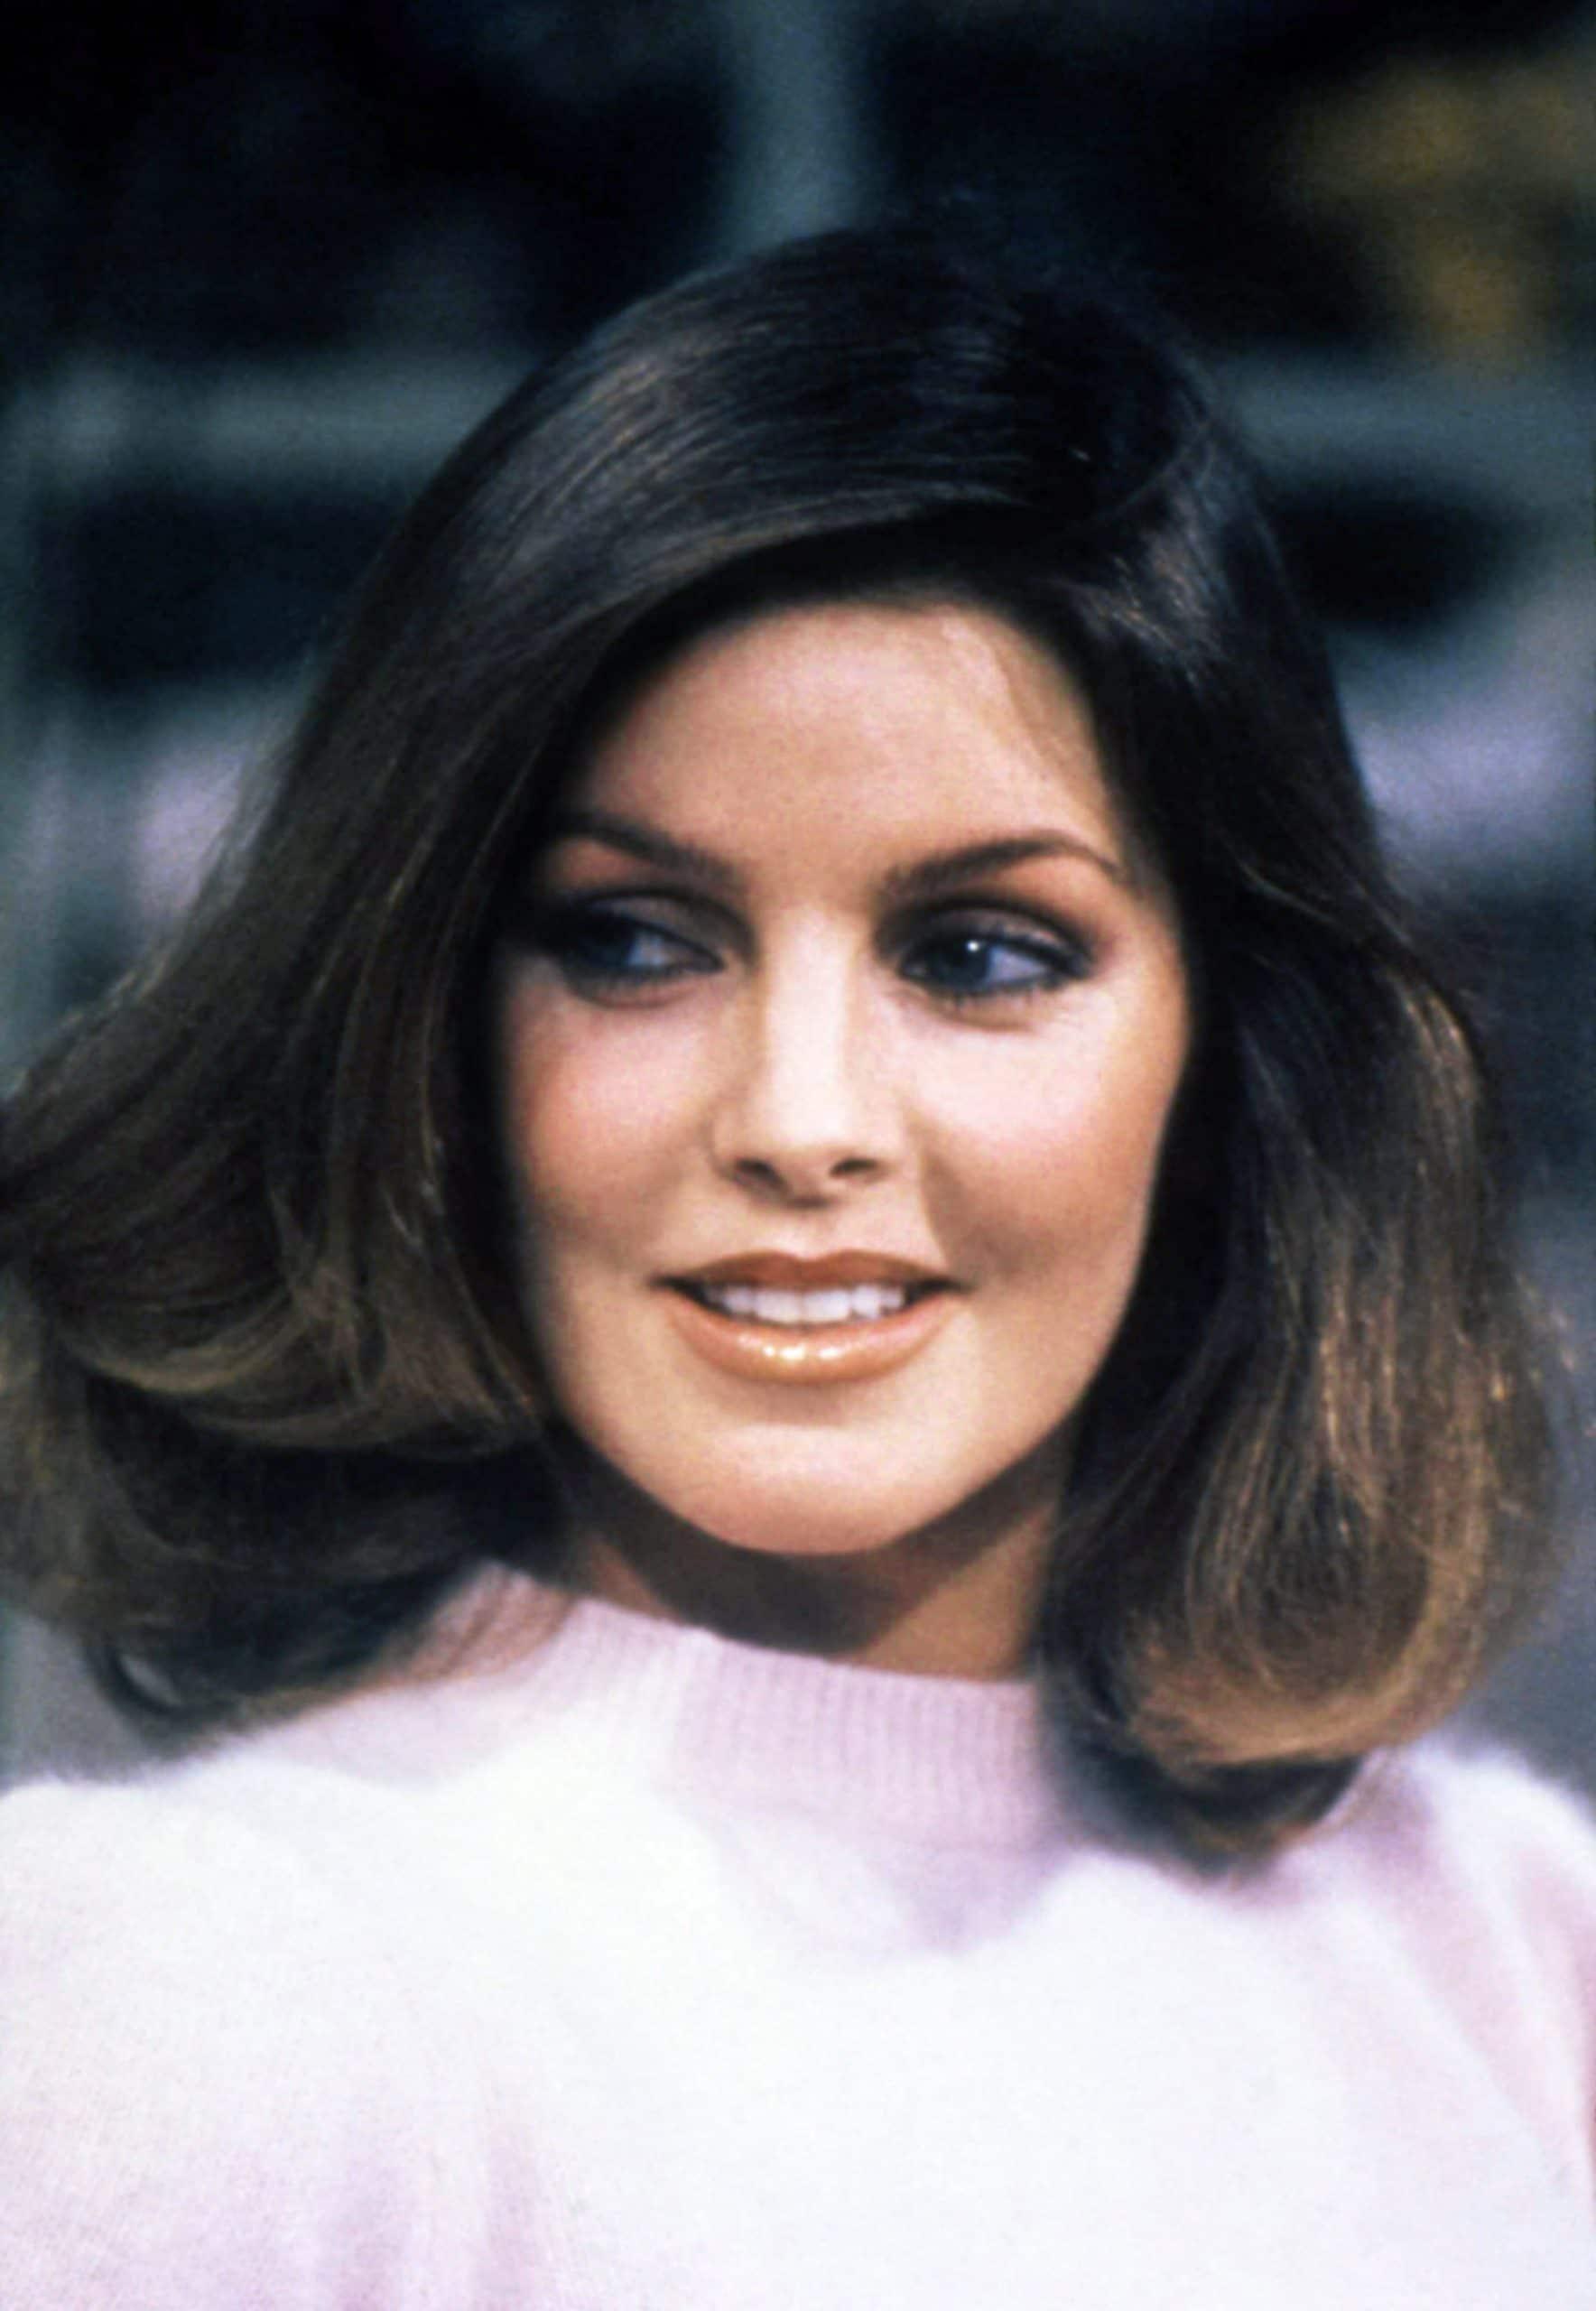 DALLAS, Priscilla Presley, 1978-91